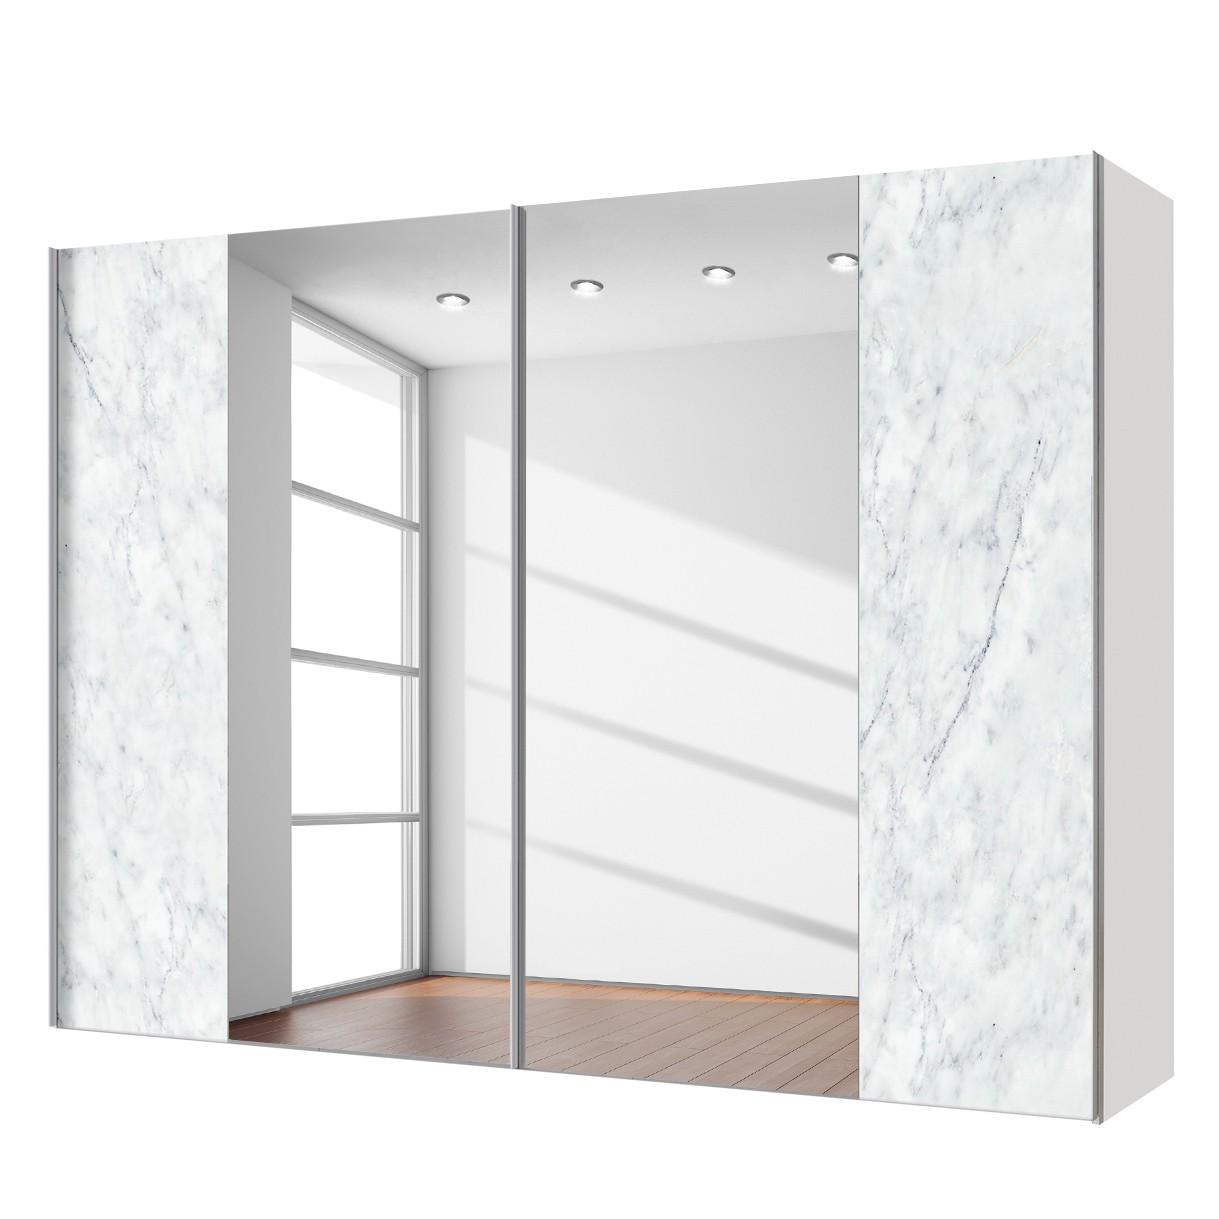 goedkoop Zweefdeurkast Cando Marmer look Spiegelglas 300cm 2 deurs Express Mobel